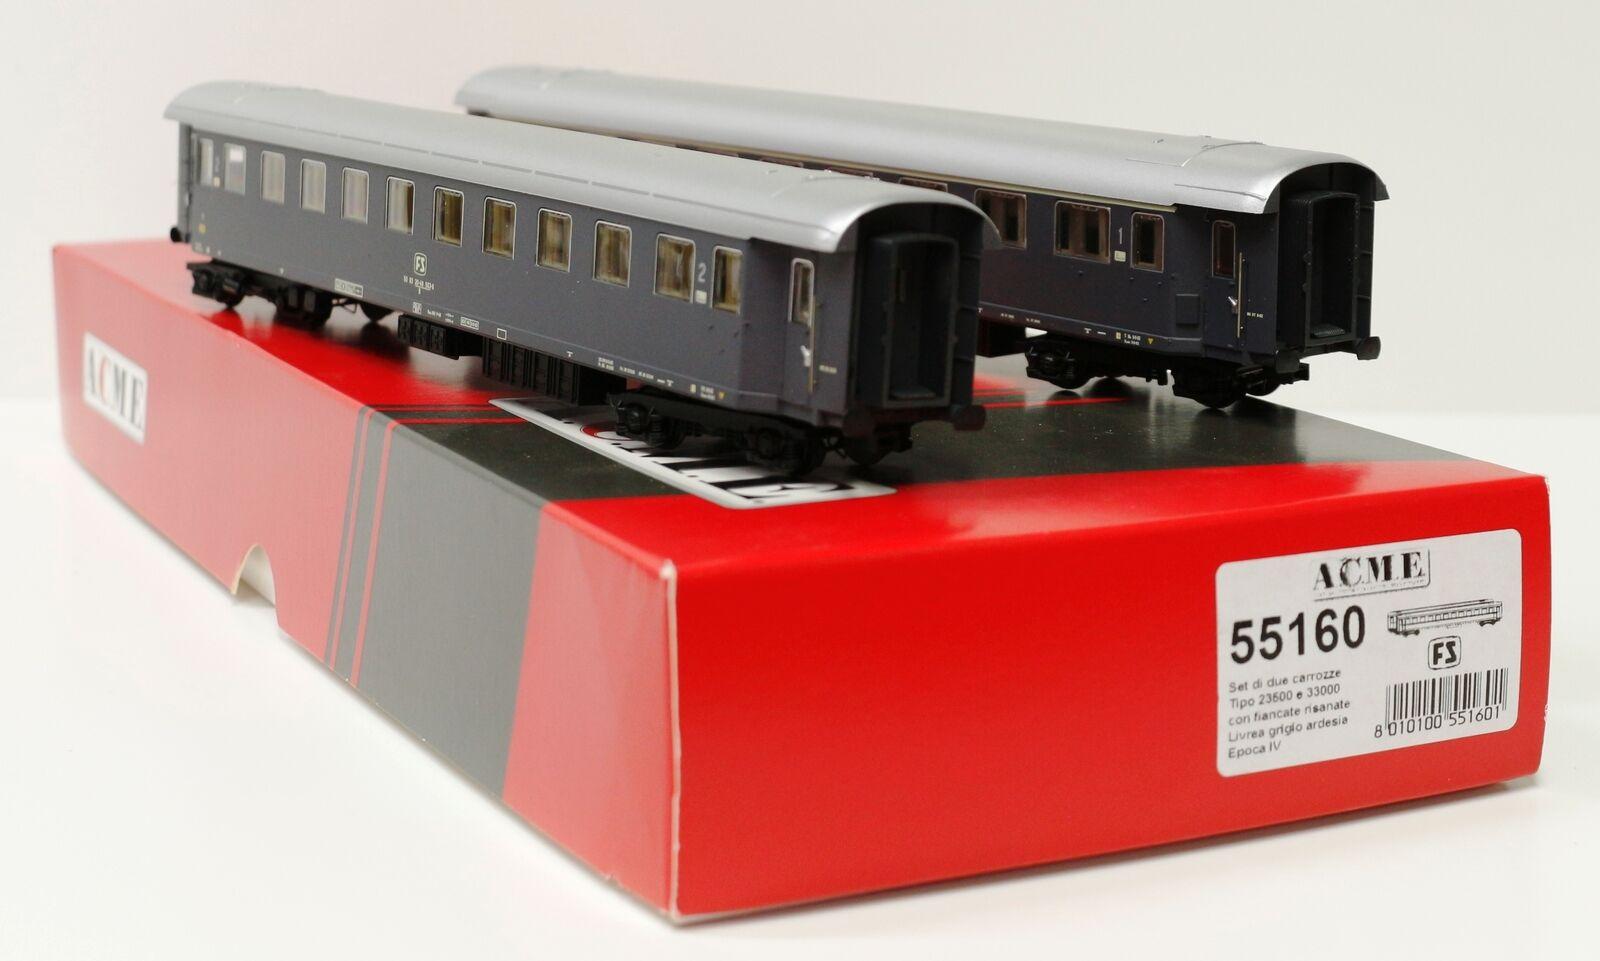 55160 Acme Ho FS Set mit Zwei Personenwagen davon eine Art 23500 Spur 1 87